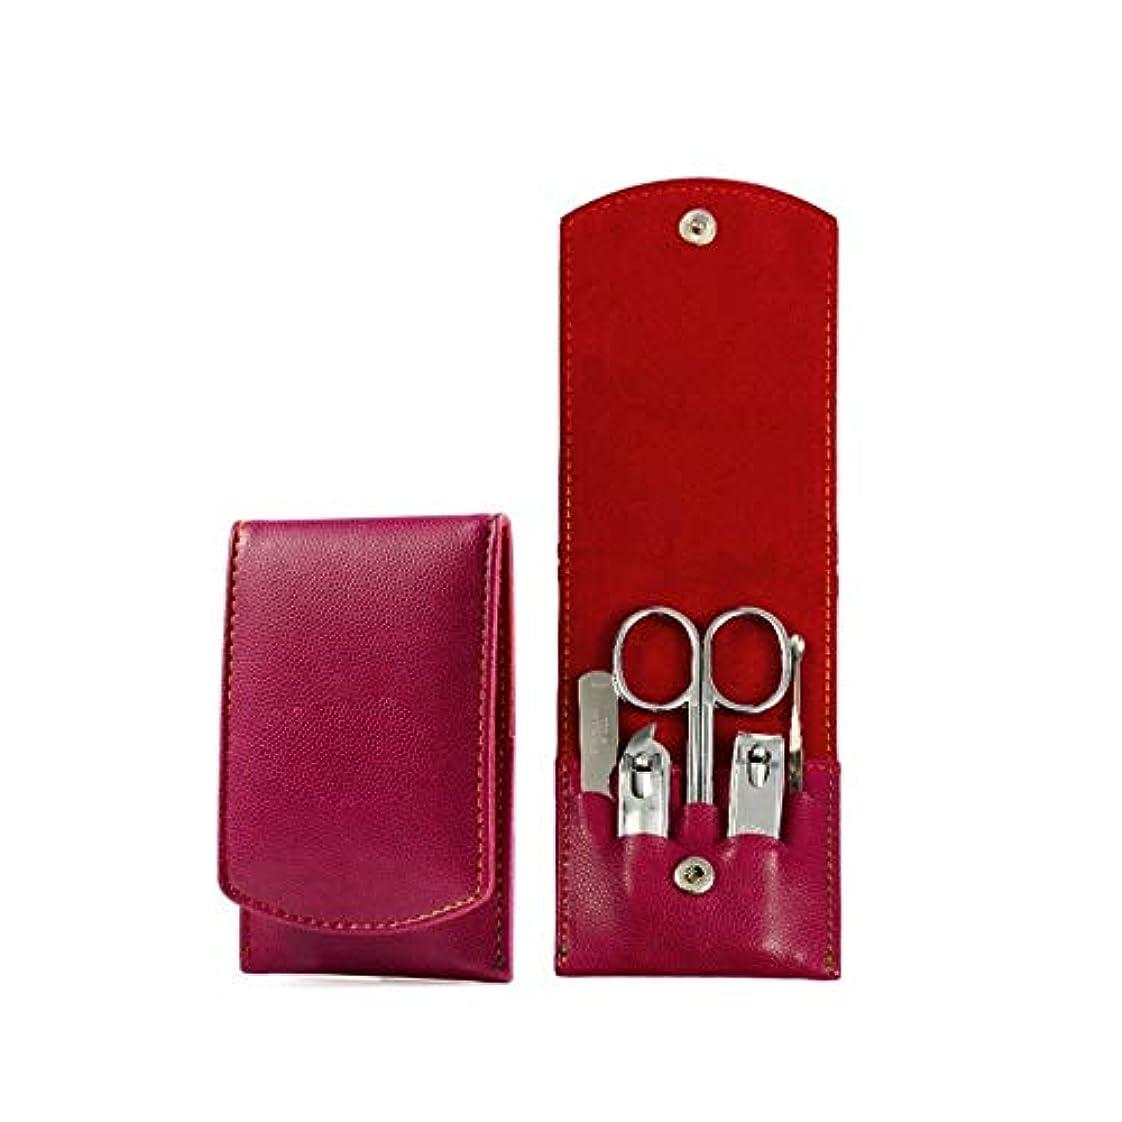 悪の戻るペンJIAYIZS 5ネイルクリッパーセットネイルクリップネイルクリッパー修復能力のコンビネーションマニキュア保護ツールセット (Color : Red)